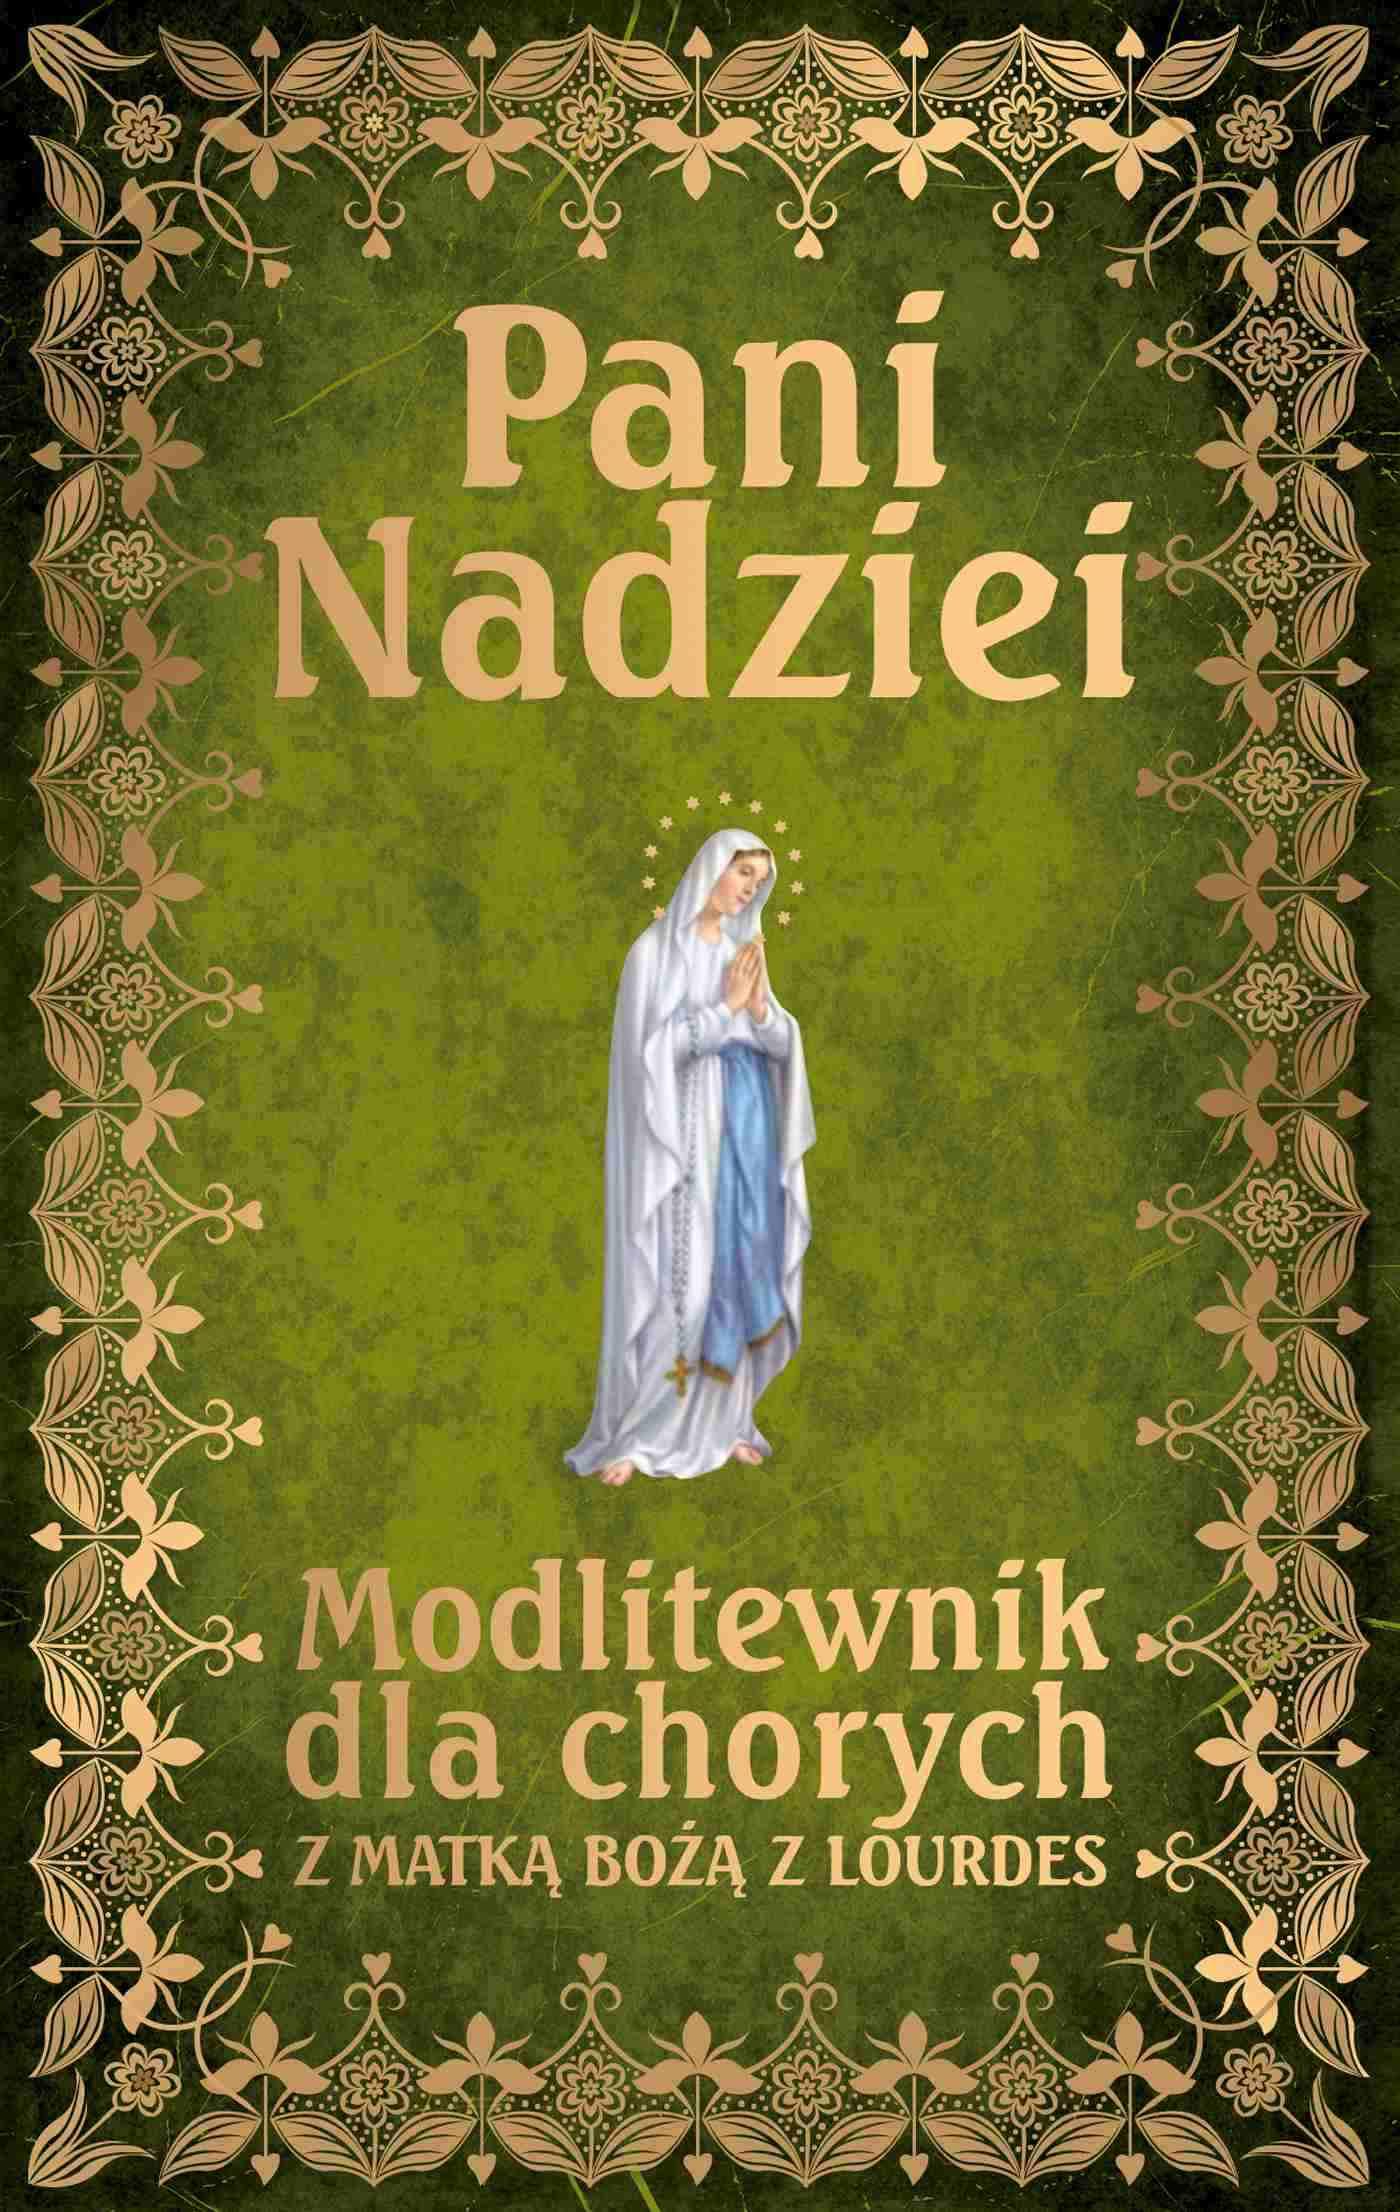 Pani Nadziei. Modlitewnik dla chorych z Matką Bożą z Lourdes - Ebook (Książka EPUB) do pobrania w formacie EPUB